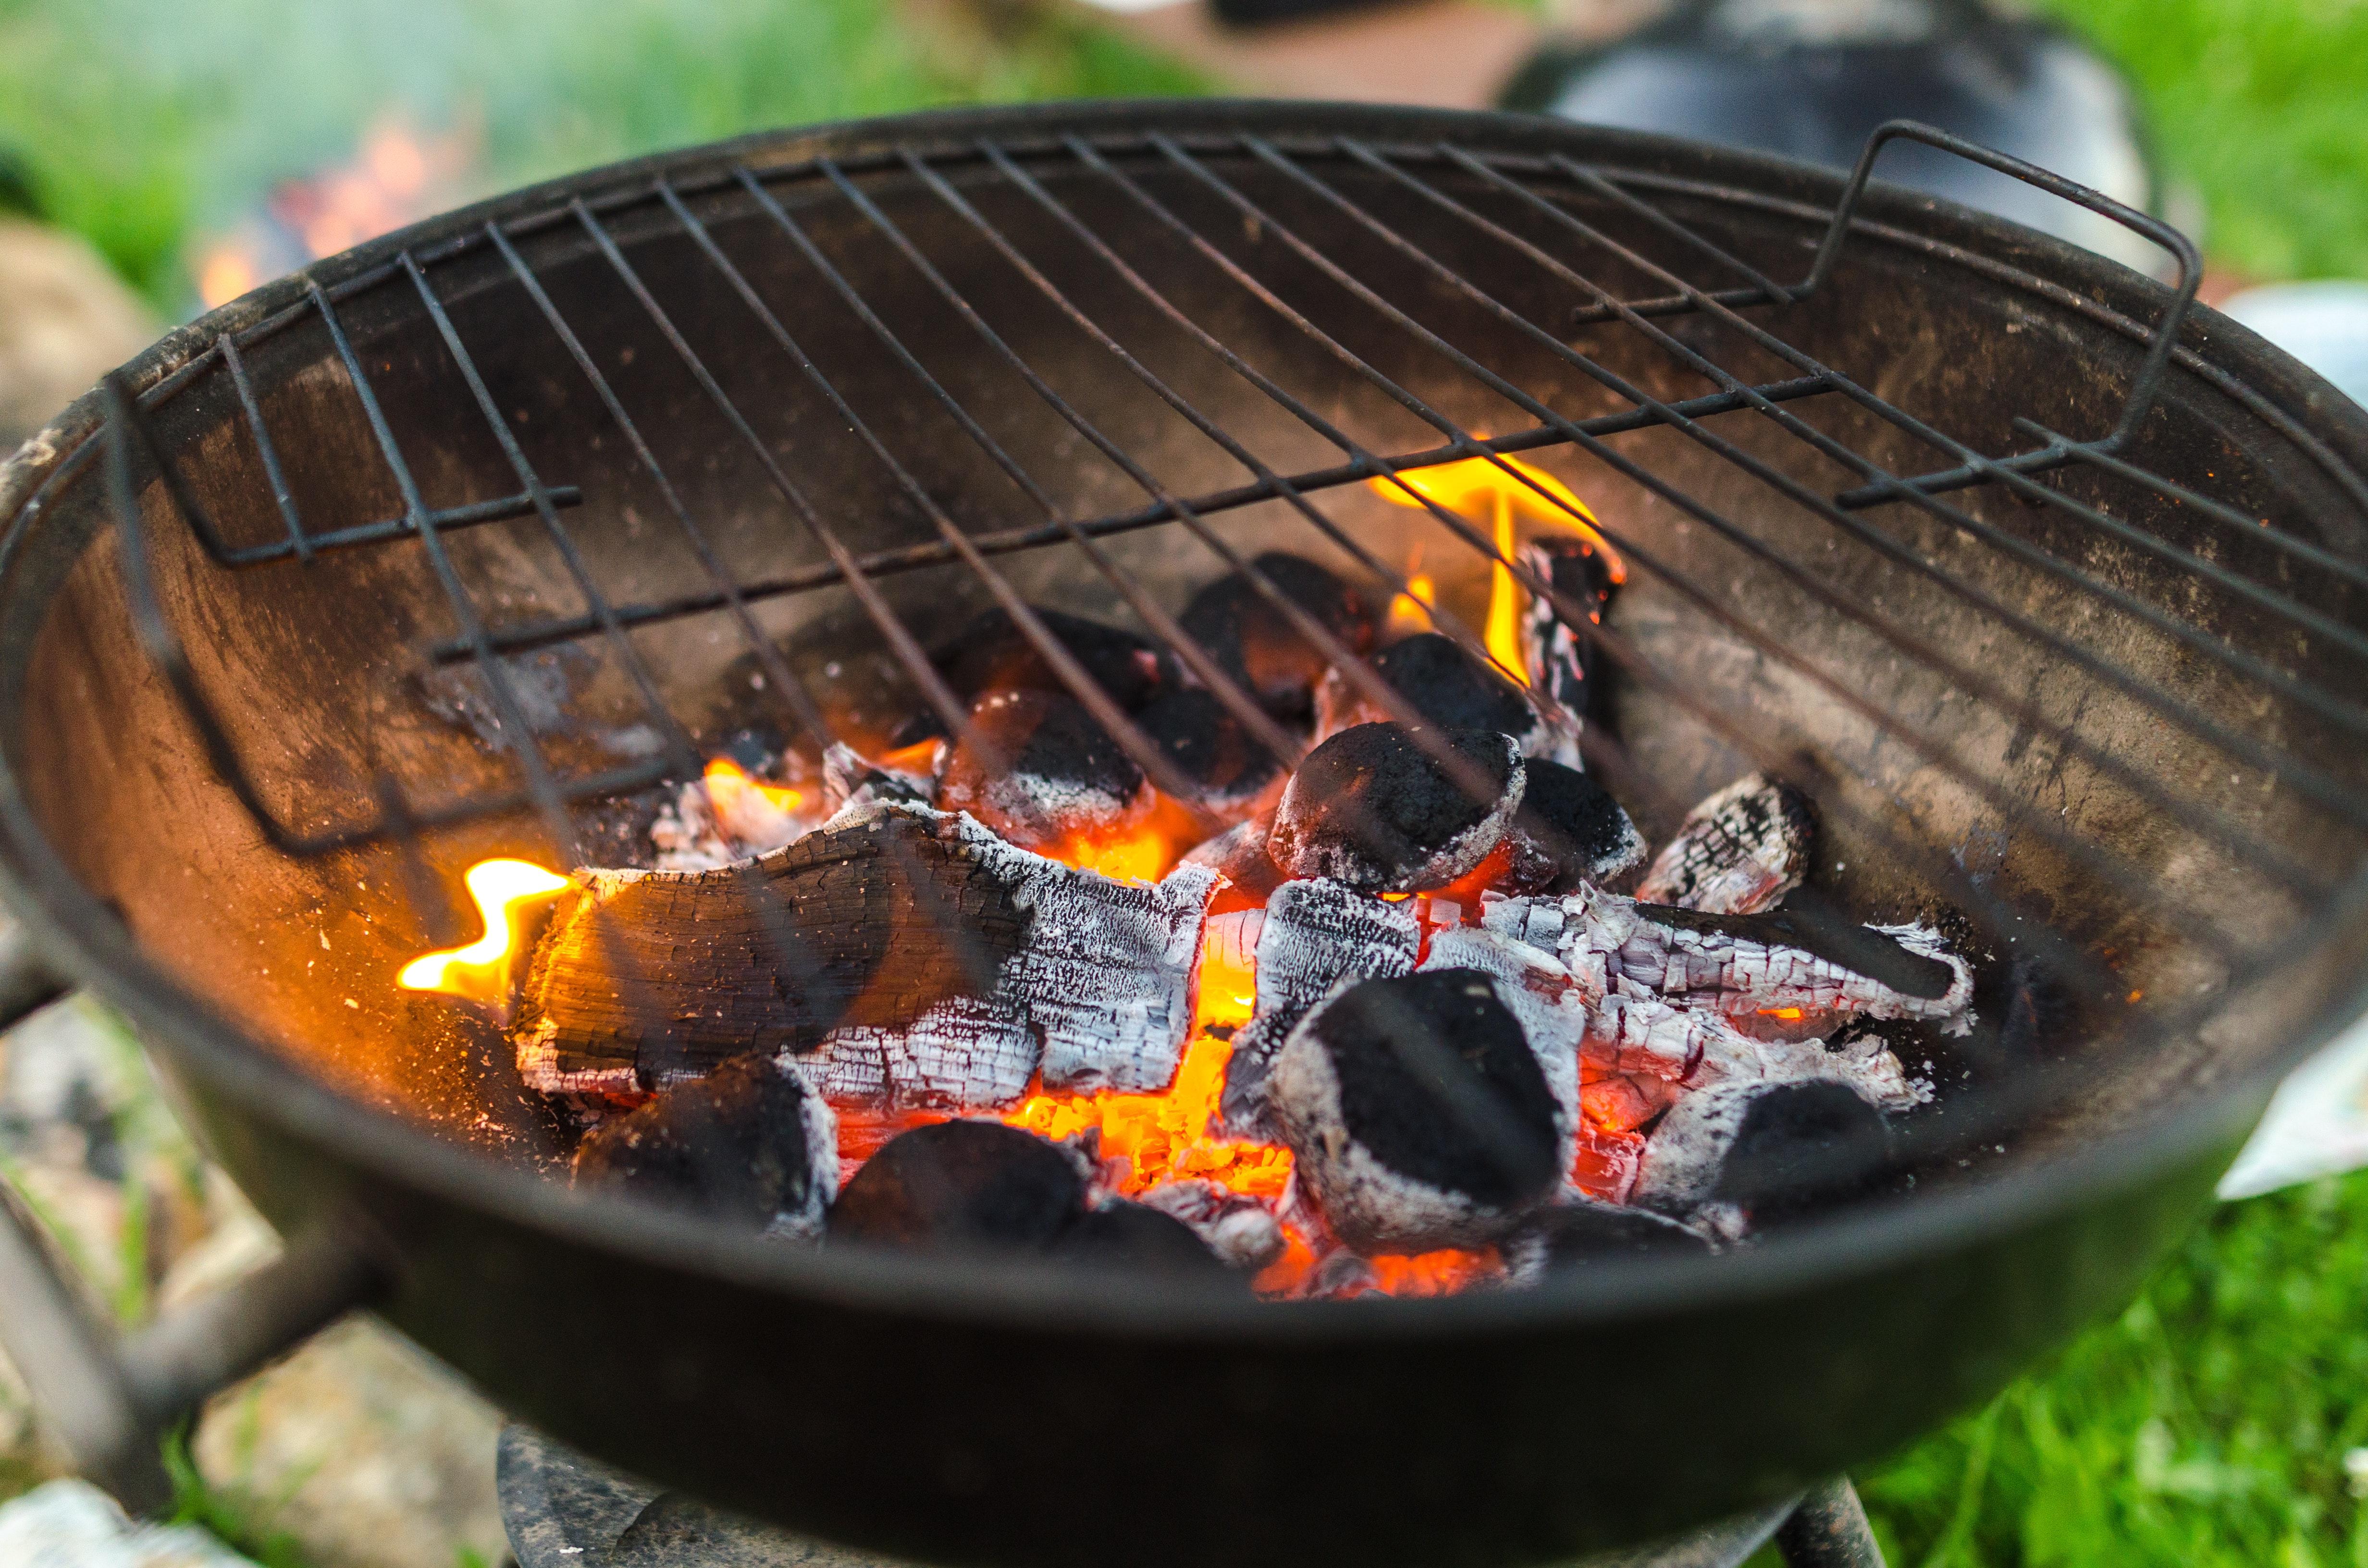 ash-barbecue-black-1309067